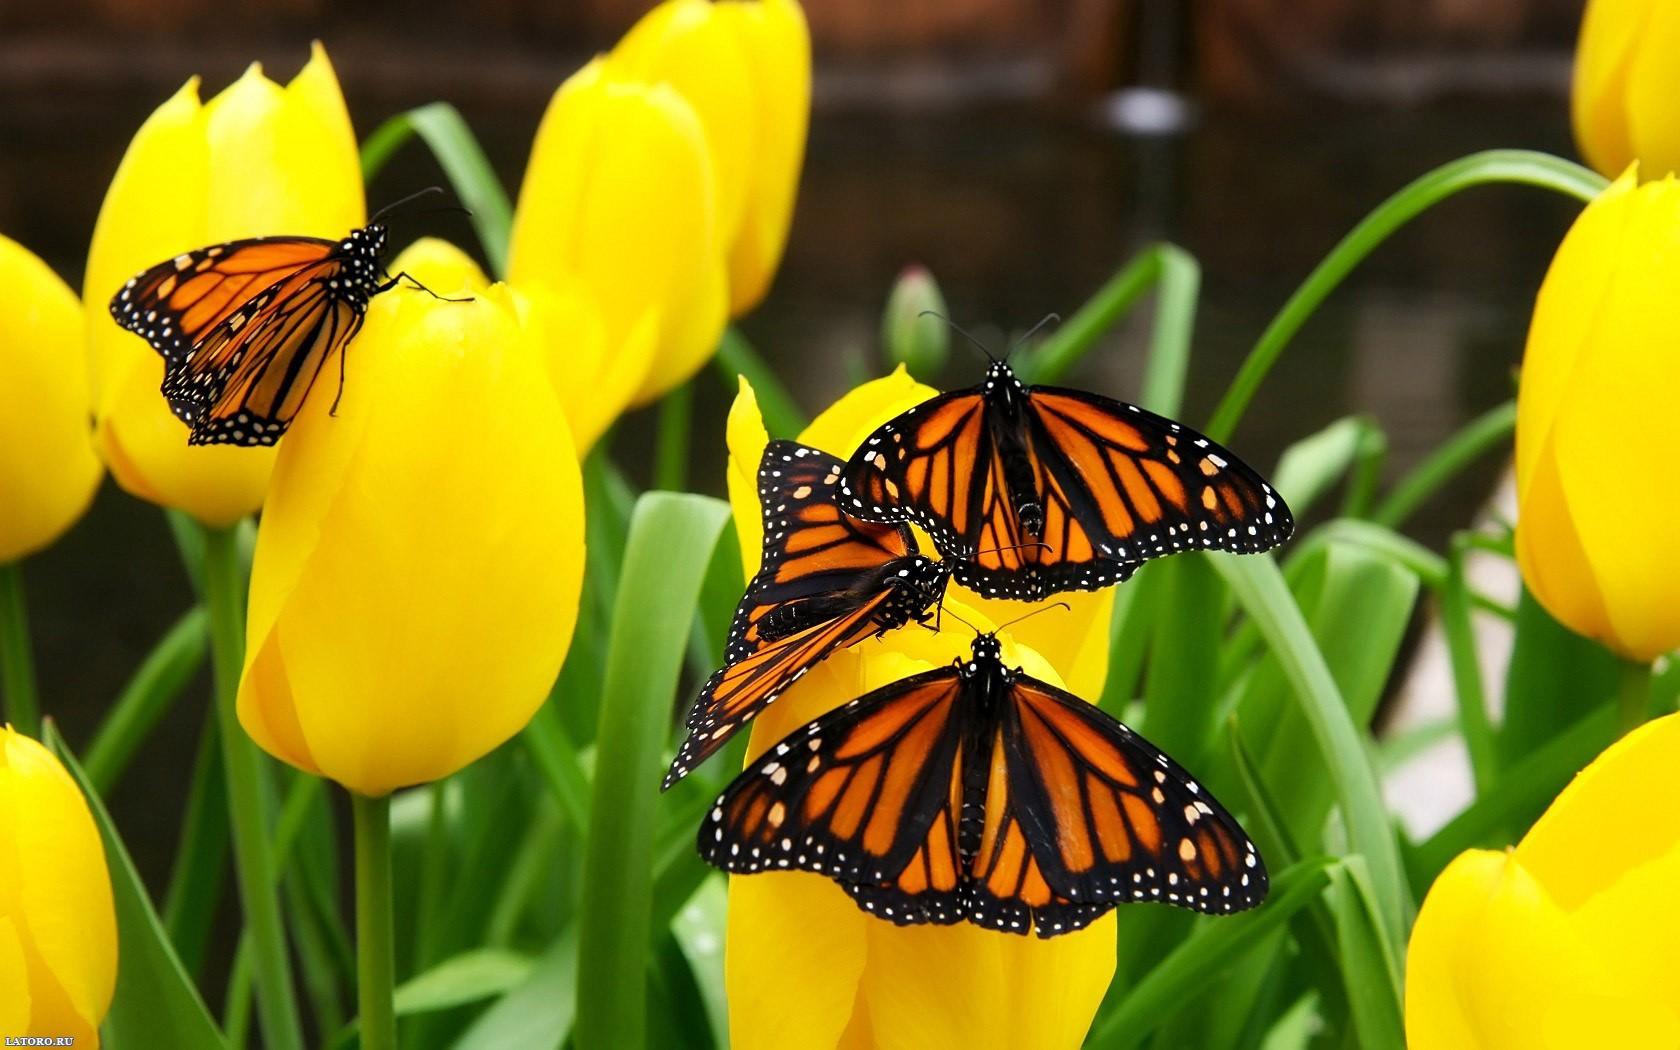 Flores amarillas y mariposas - 1680x1050